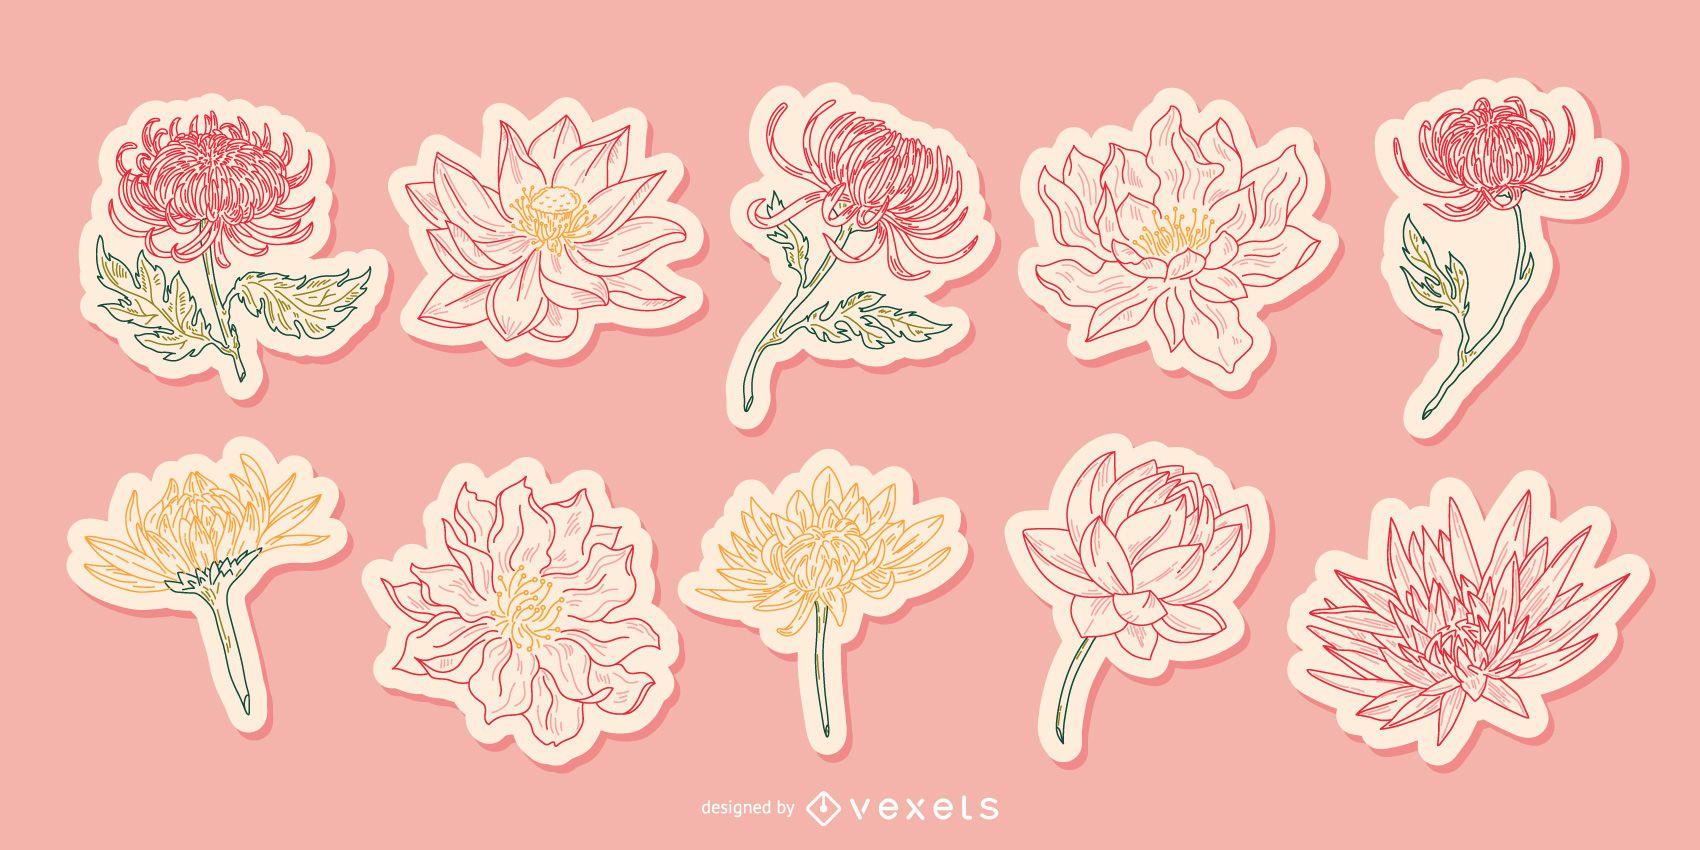 Paquete de pegatinas ilustradas de flores chinas